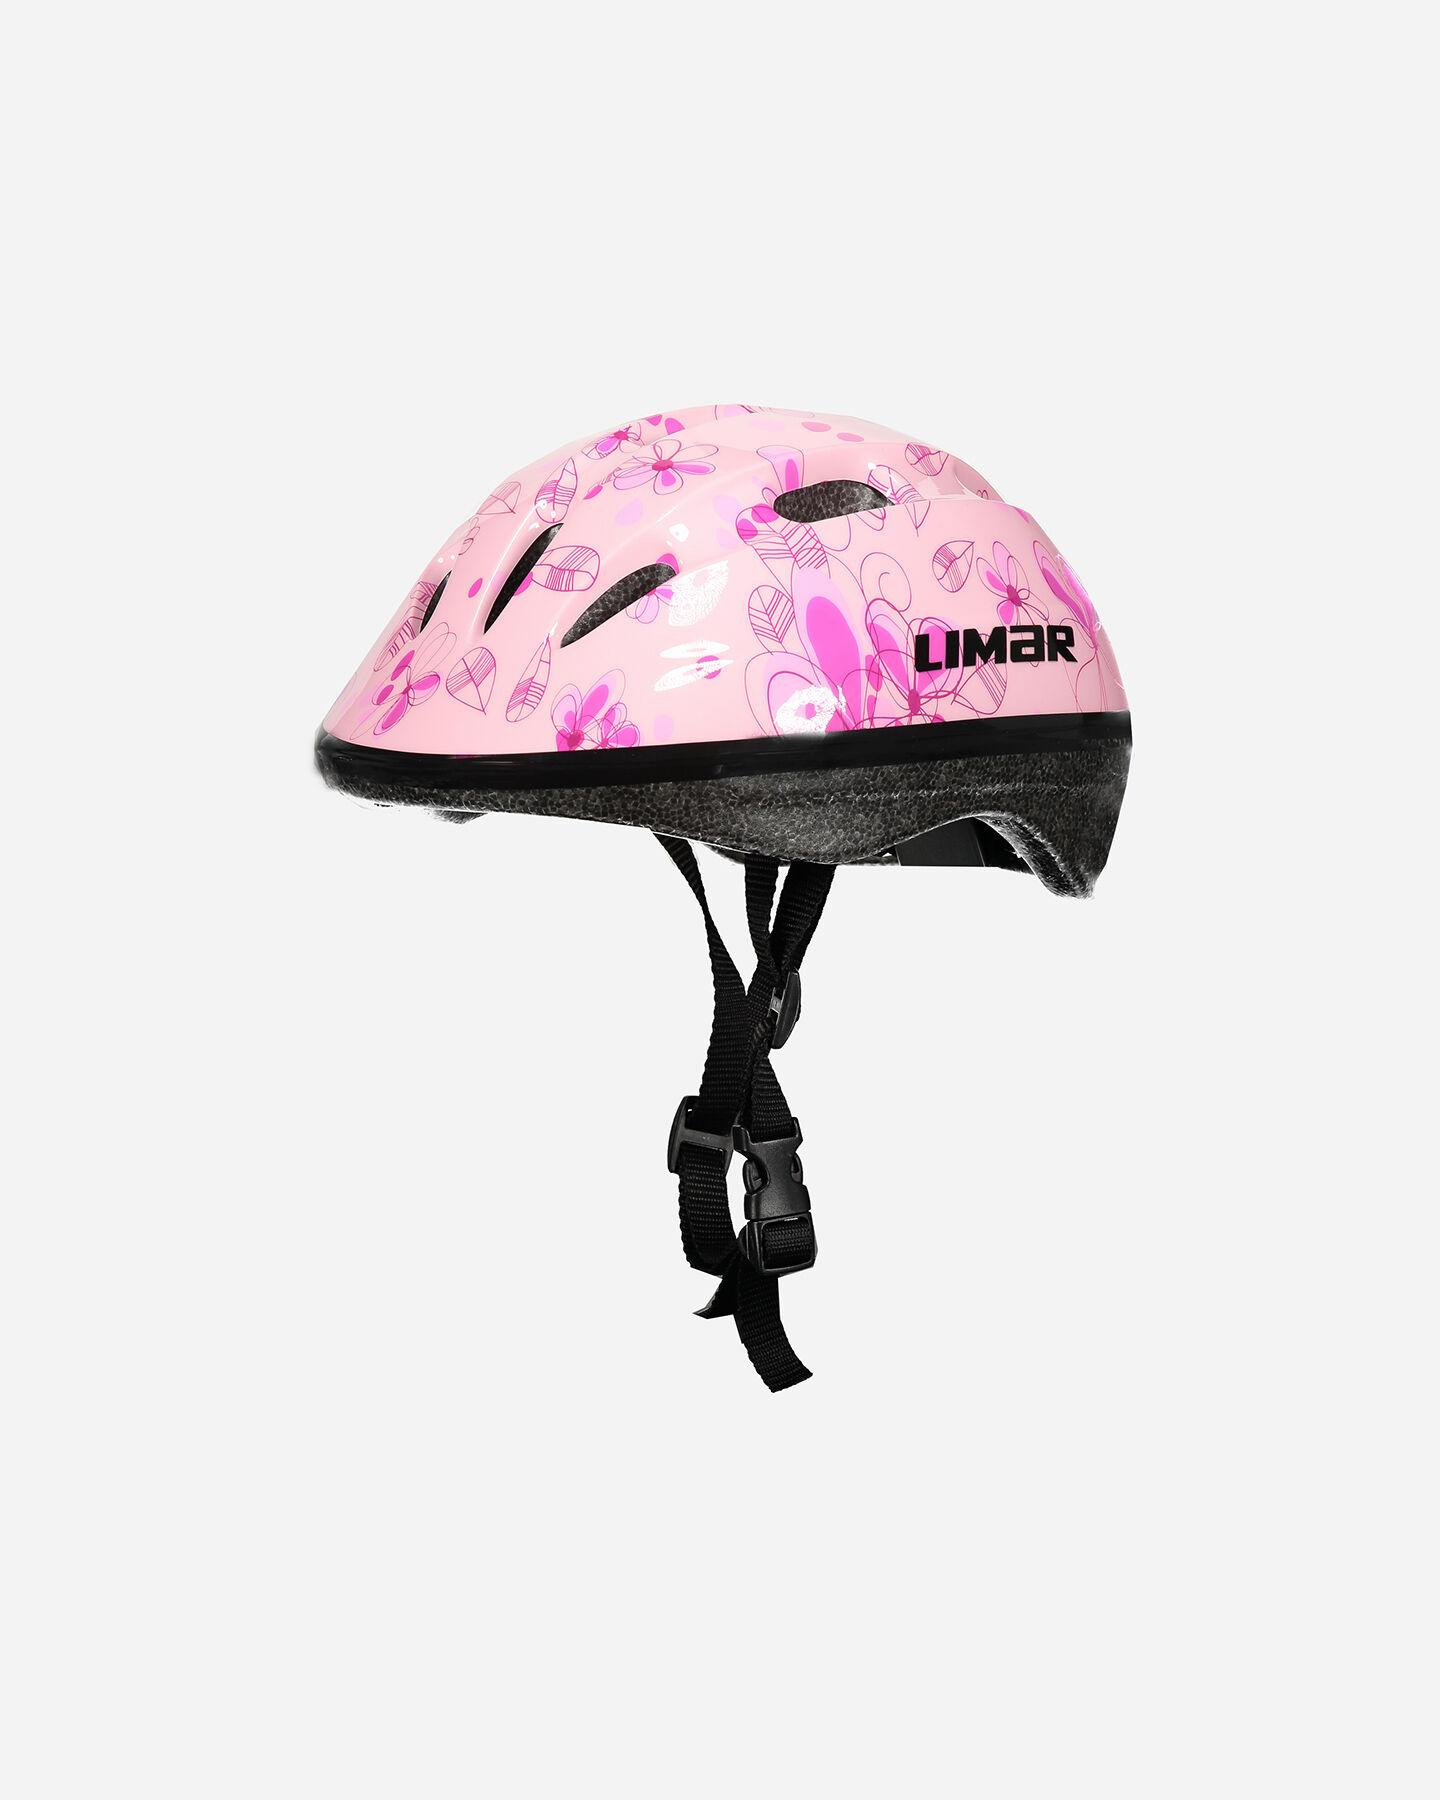 Casco bici LIMAR FUN JR S4078250 1 UNI scatto 0